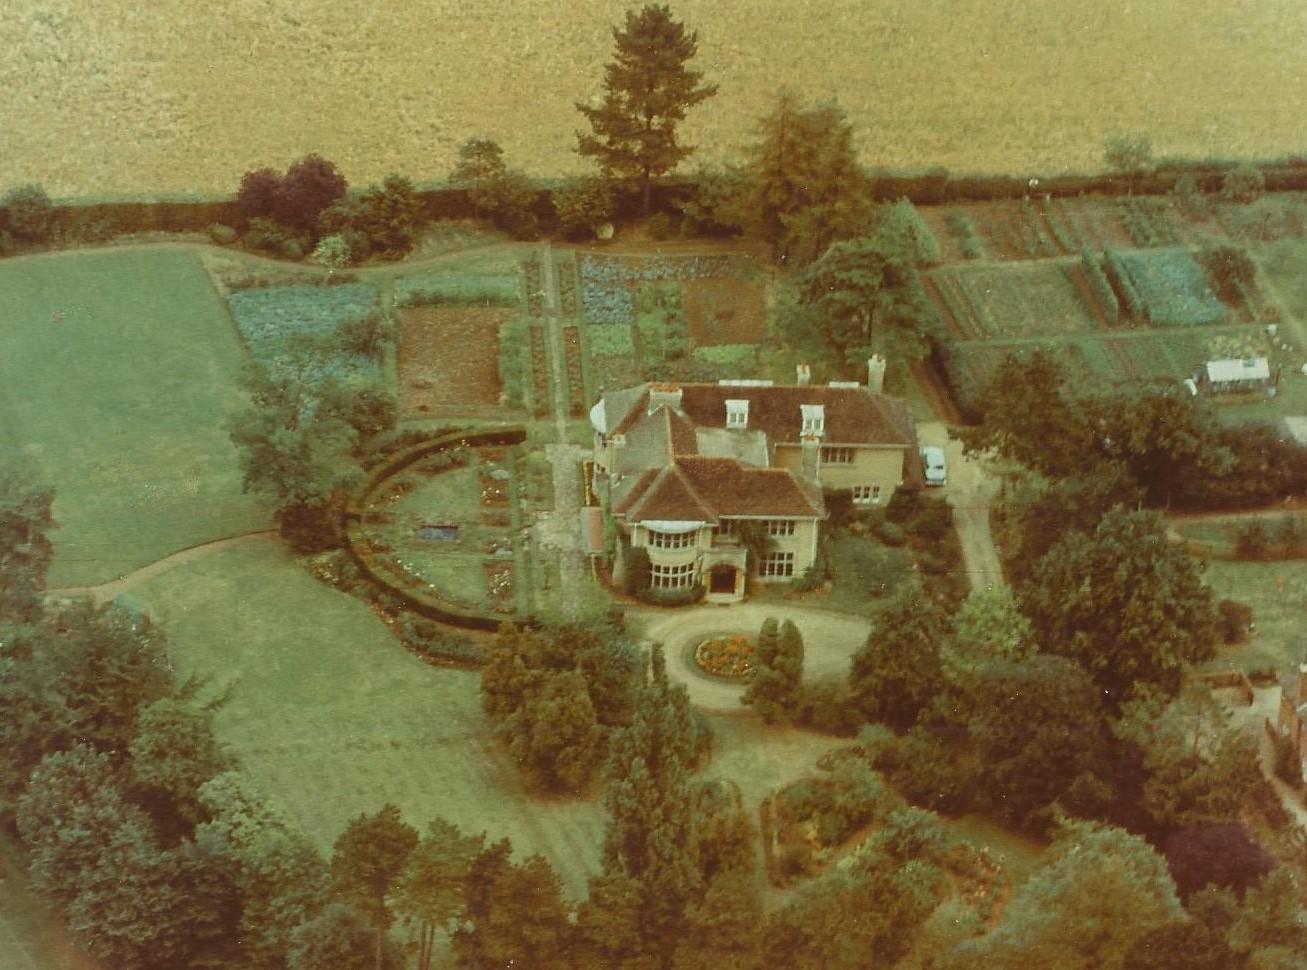 Waysmeet in about 1970.